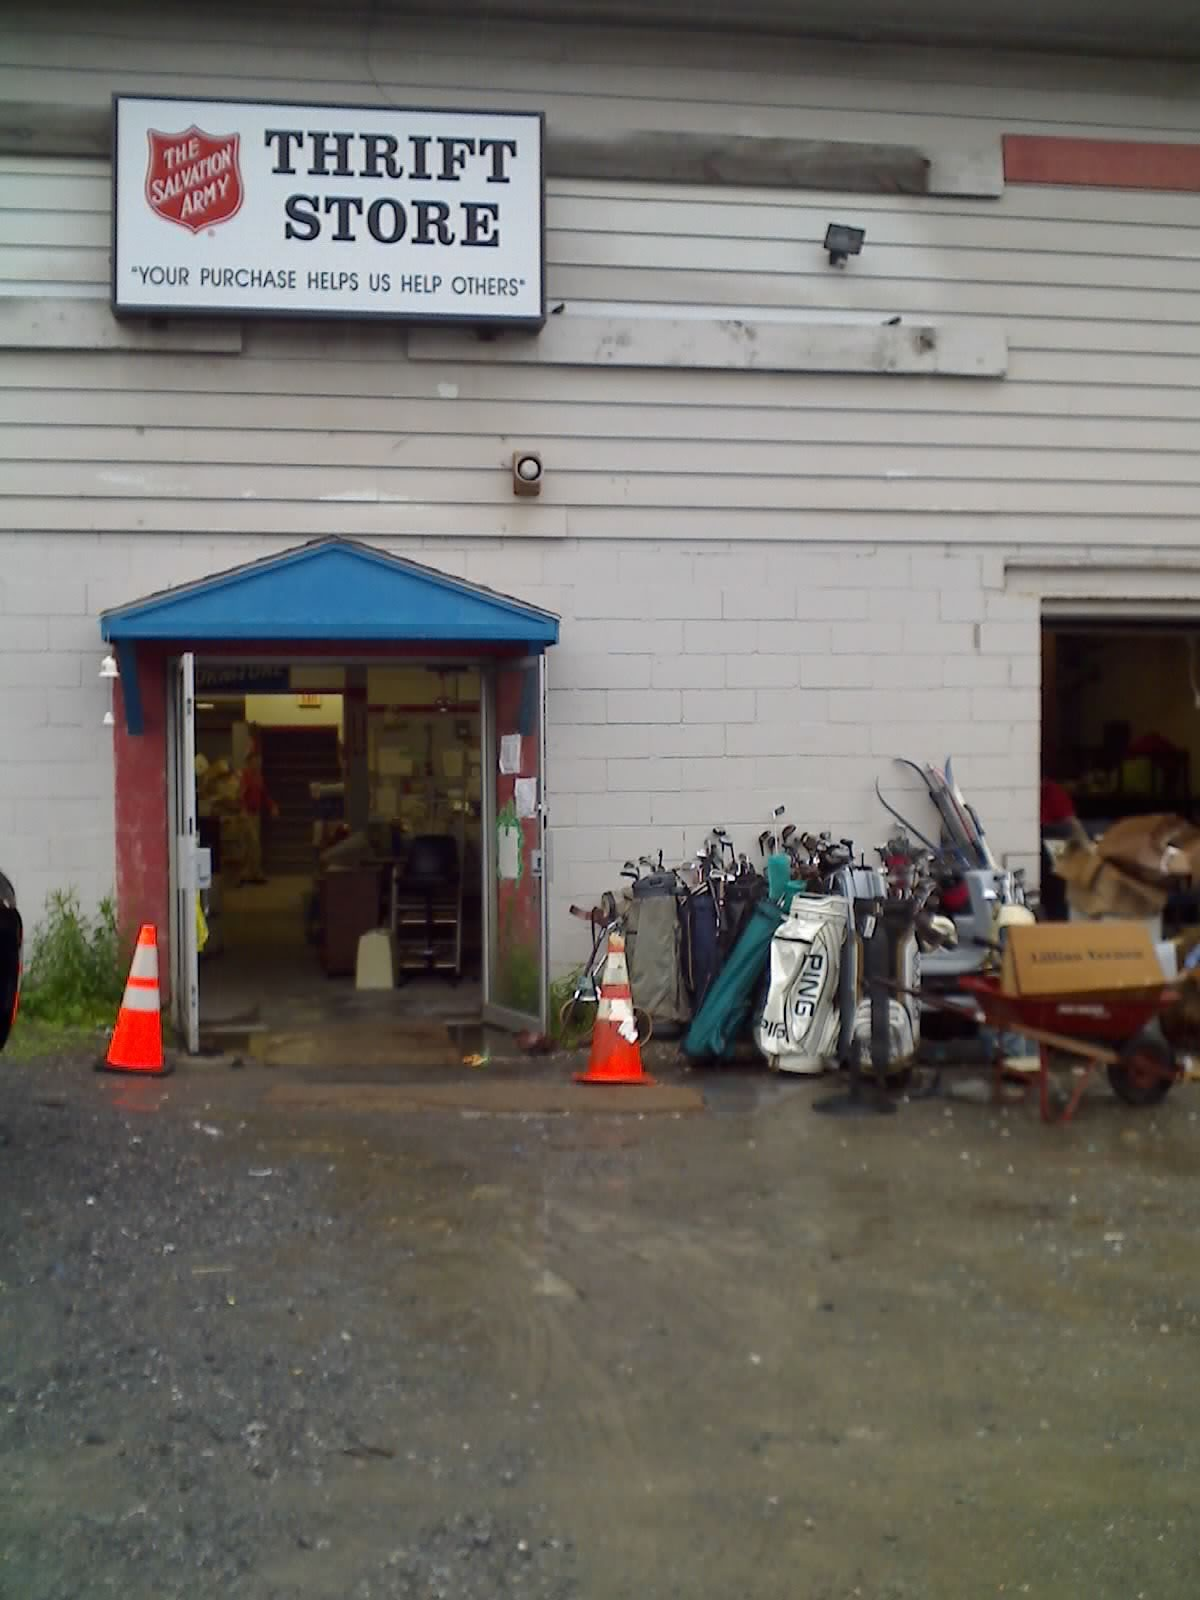 Yardsalequeen.com Yard Sale Garage Sale Blog: Thrift Store